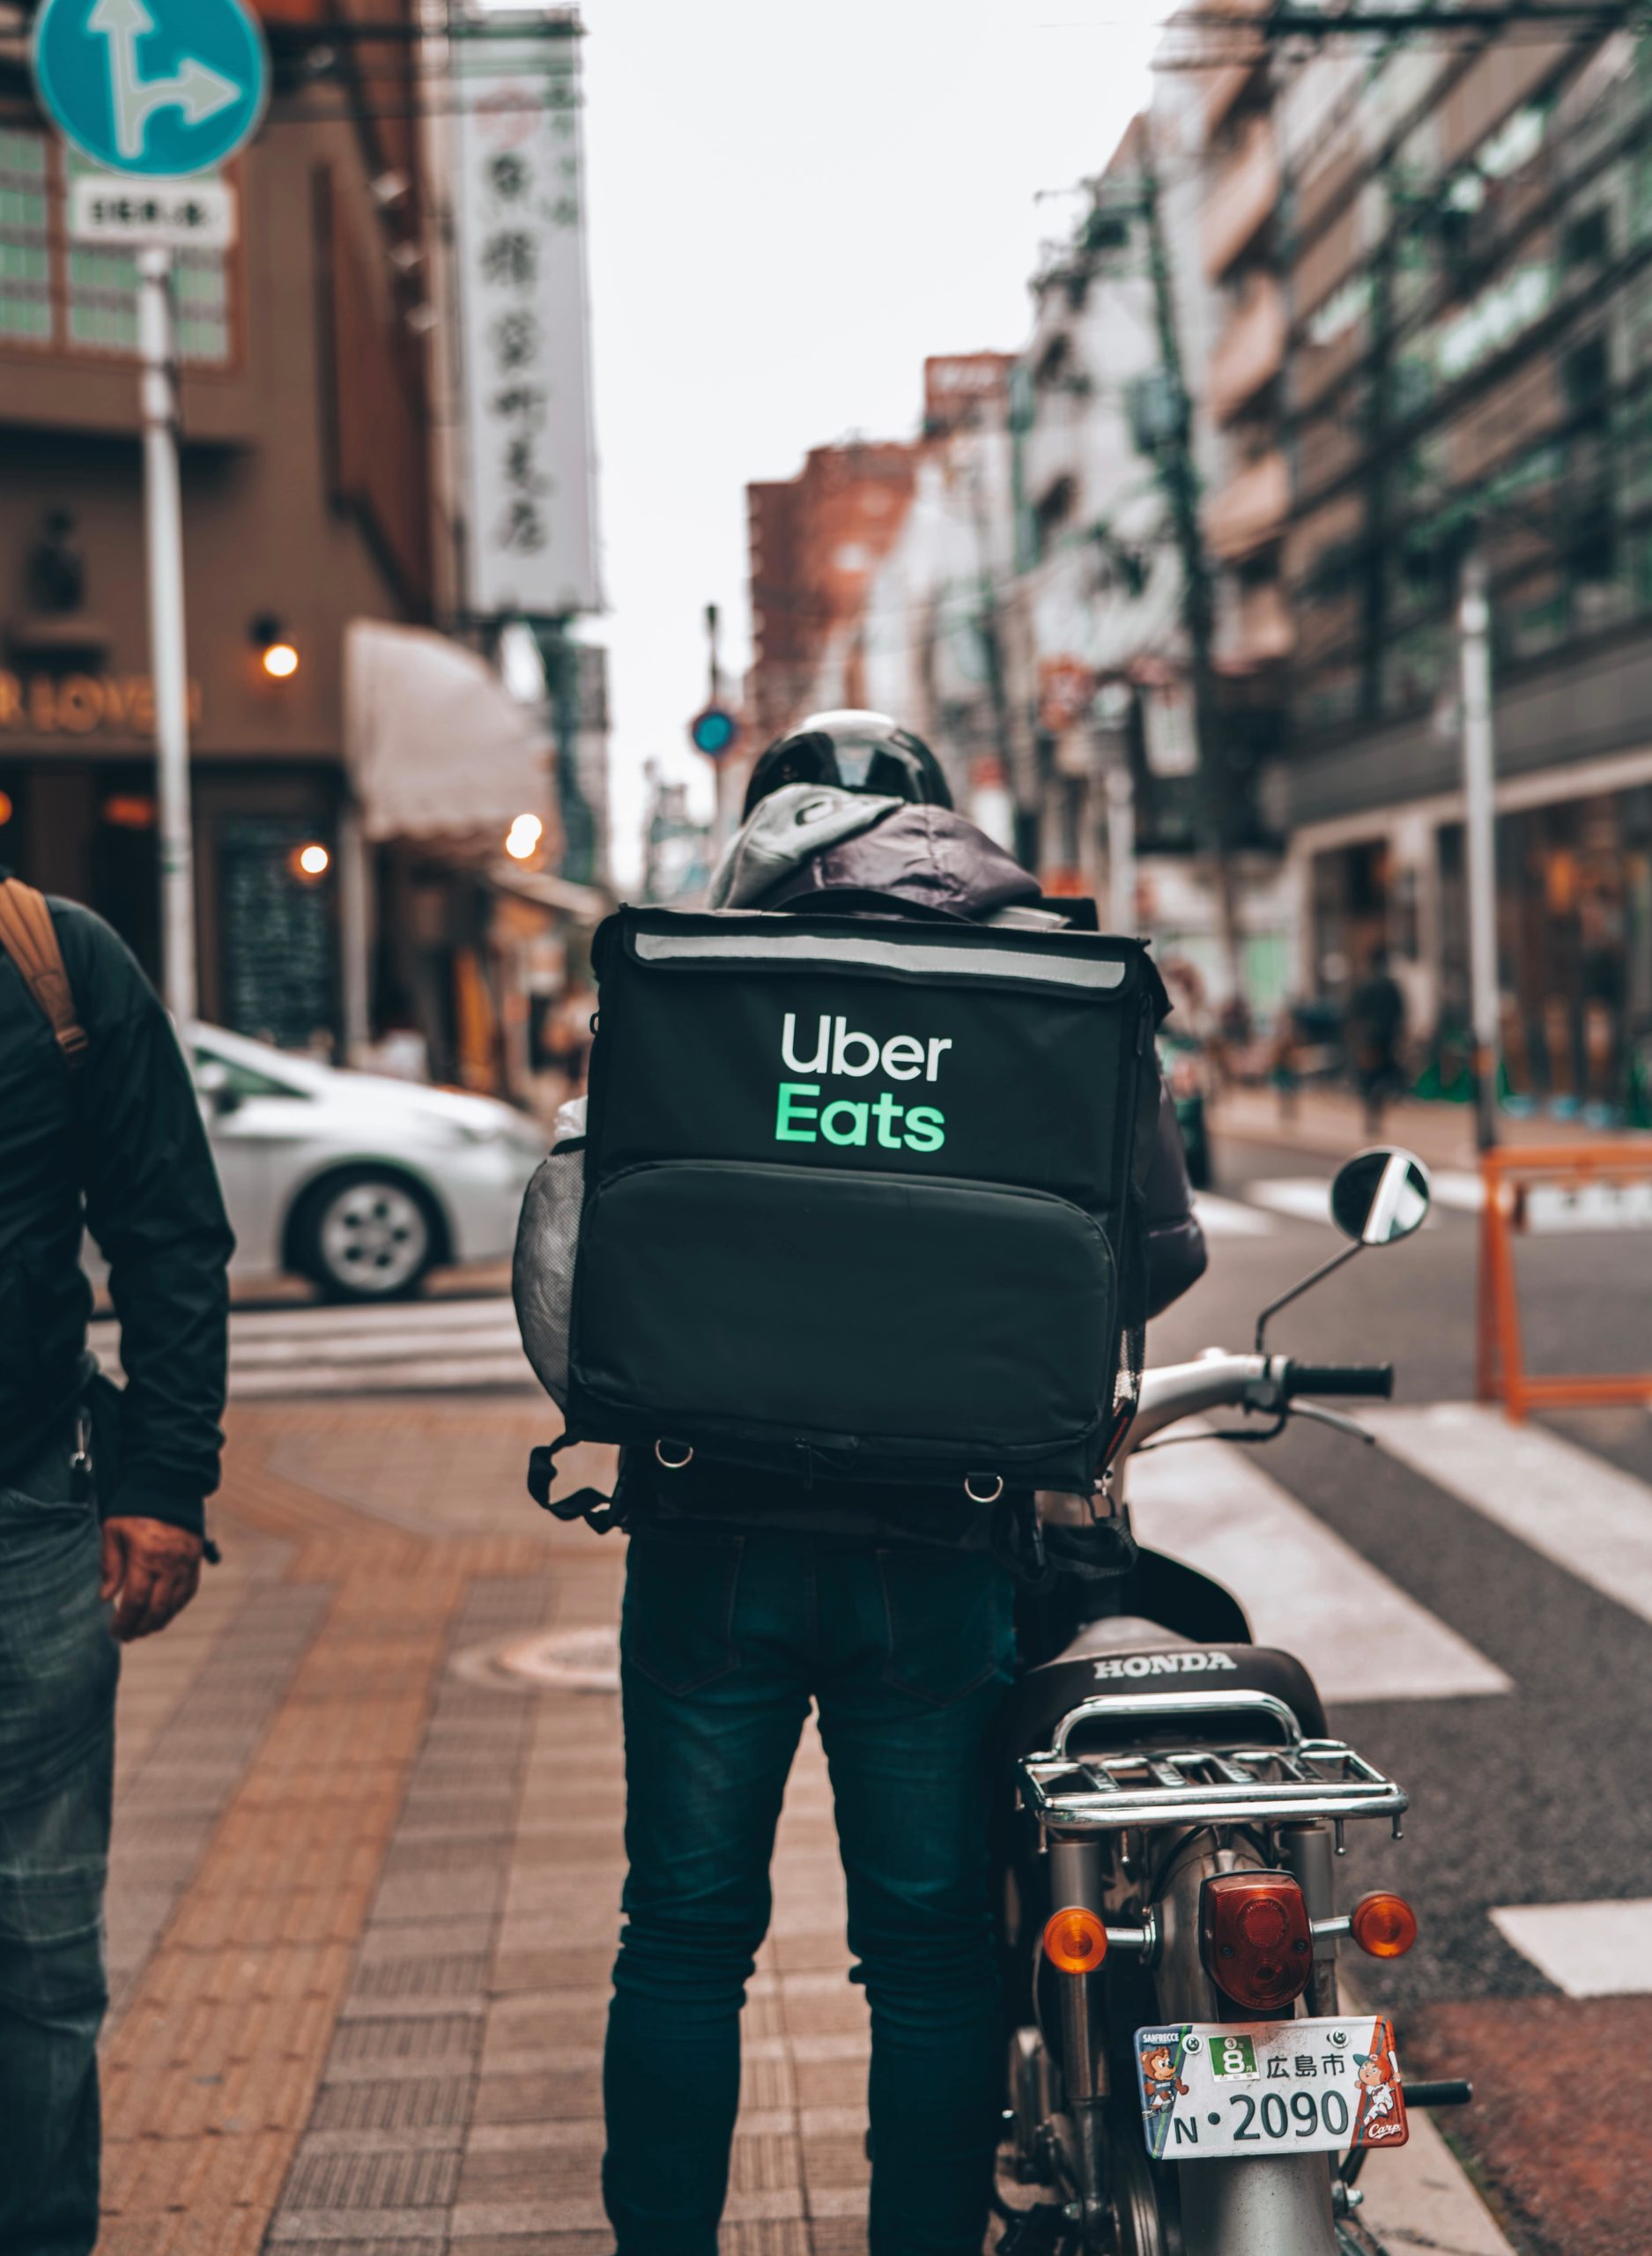 kinh nghiệm làm thêm uber eats ở nhật